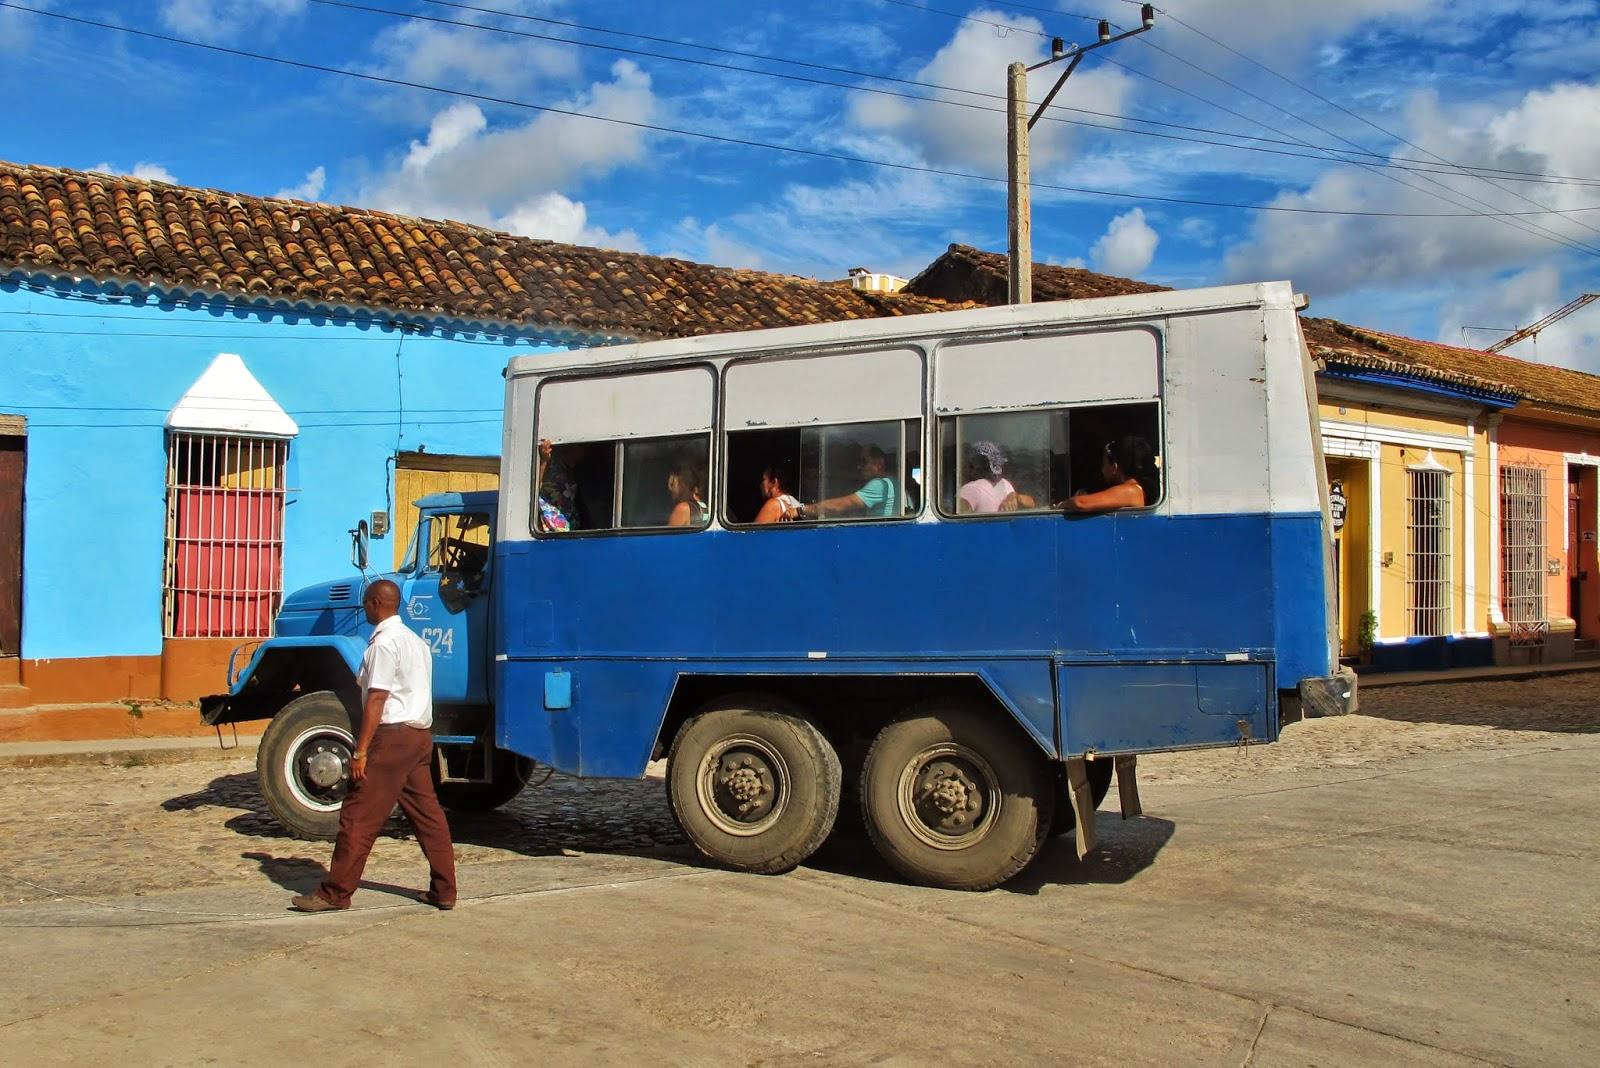 Rodoviária de Trinidad no Centro histórico de Trinidad, em Cuba.